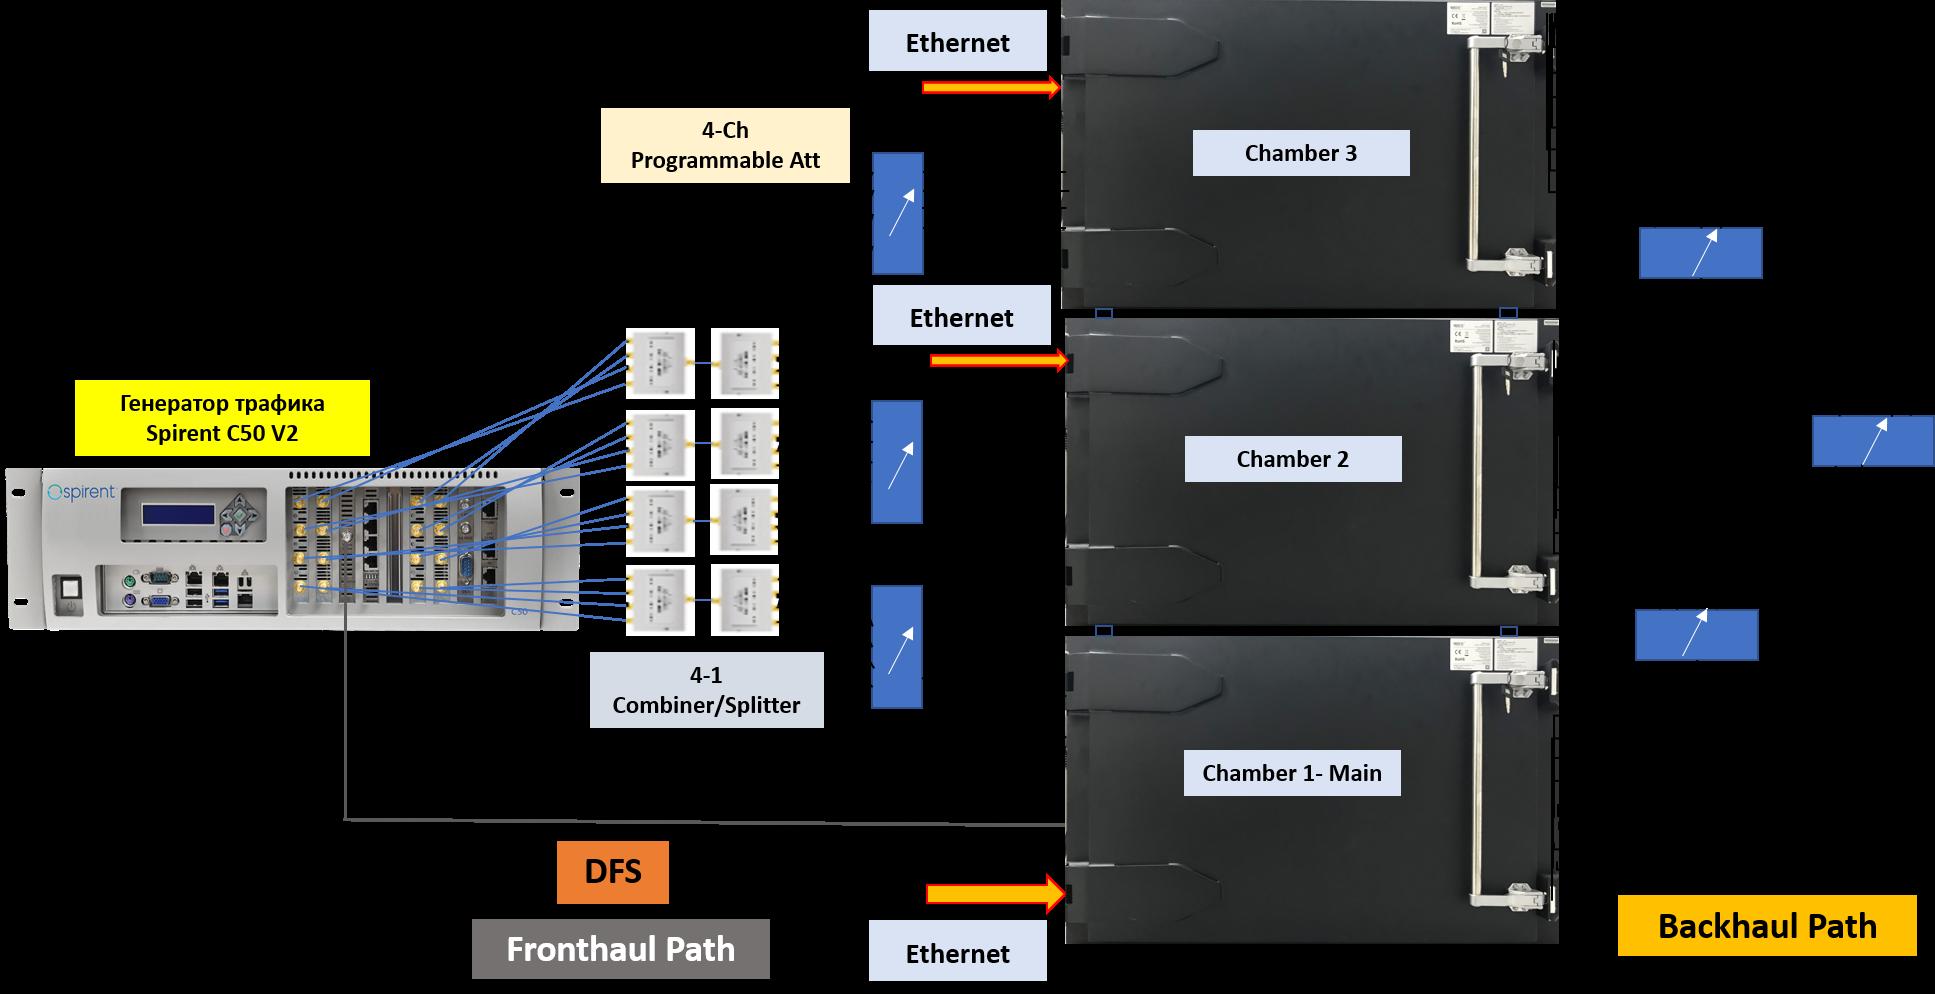 Нагрузочное тестирование WiFi6 с применением трёх безэховых камер и генератора трафика Spirent C50